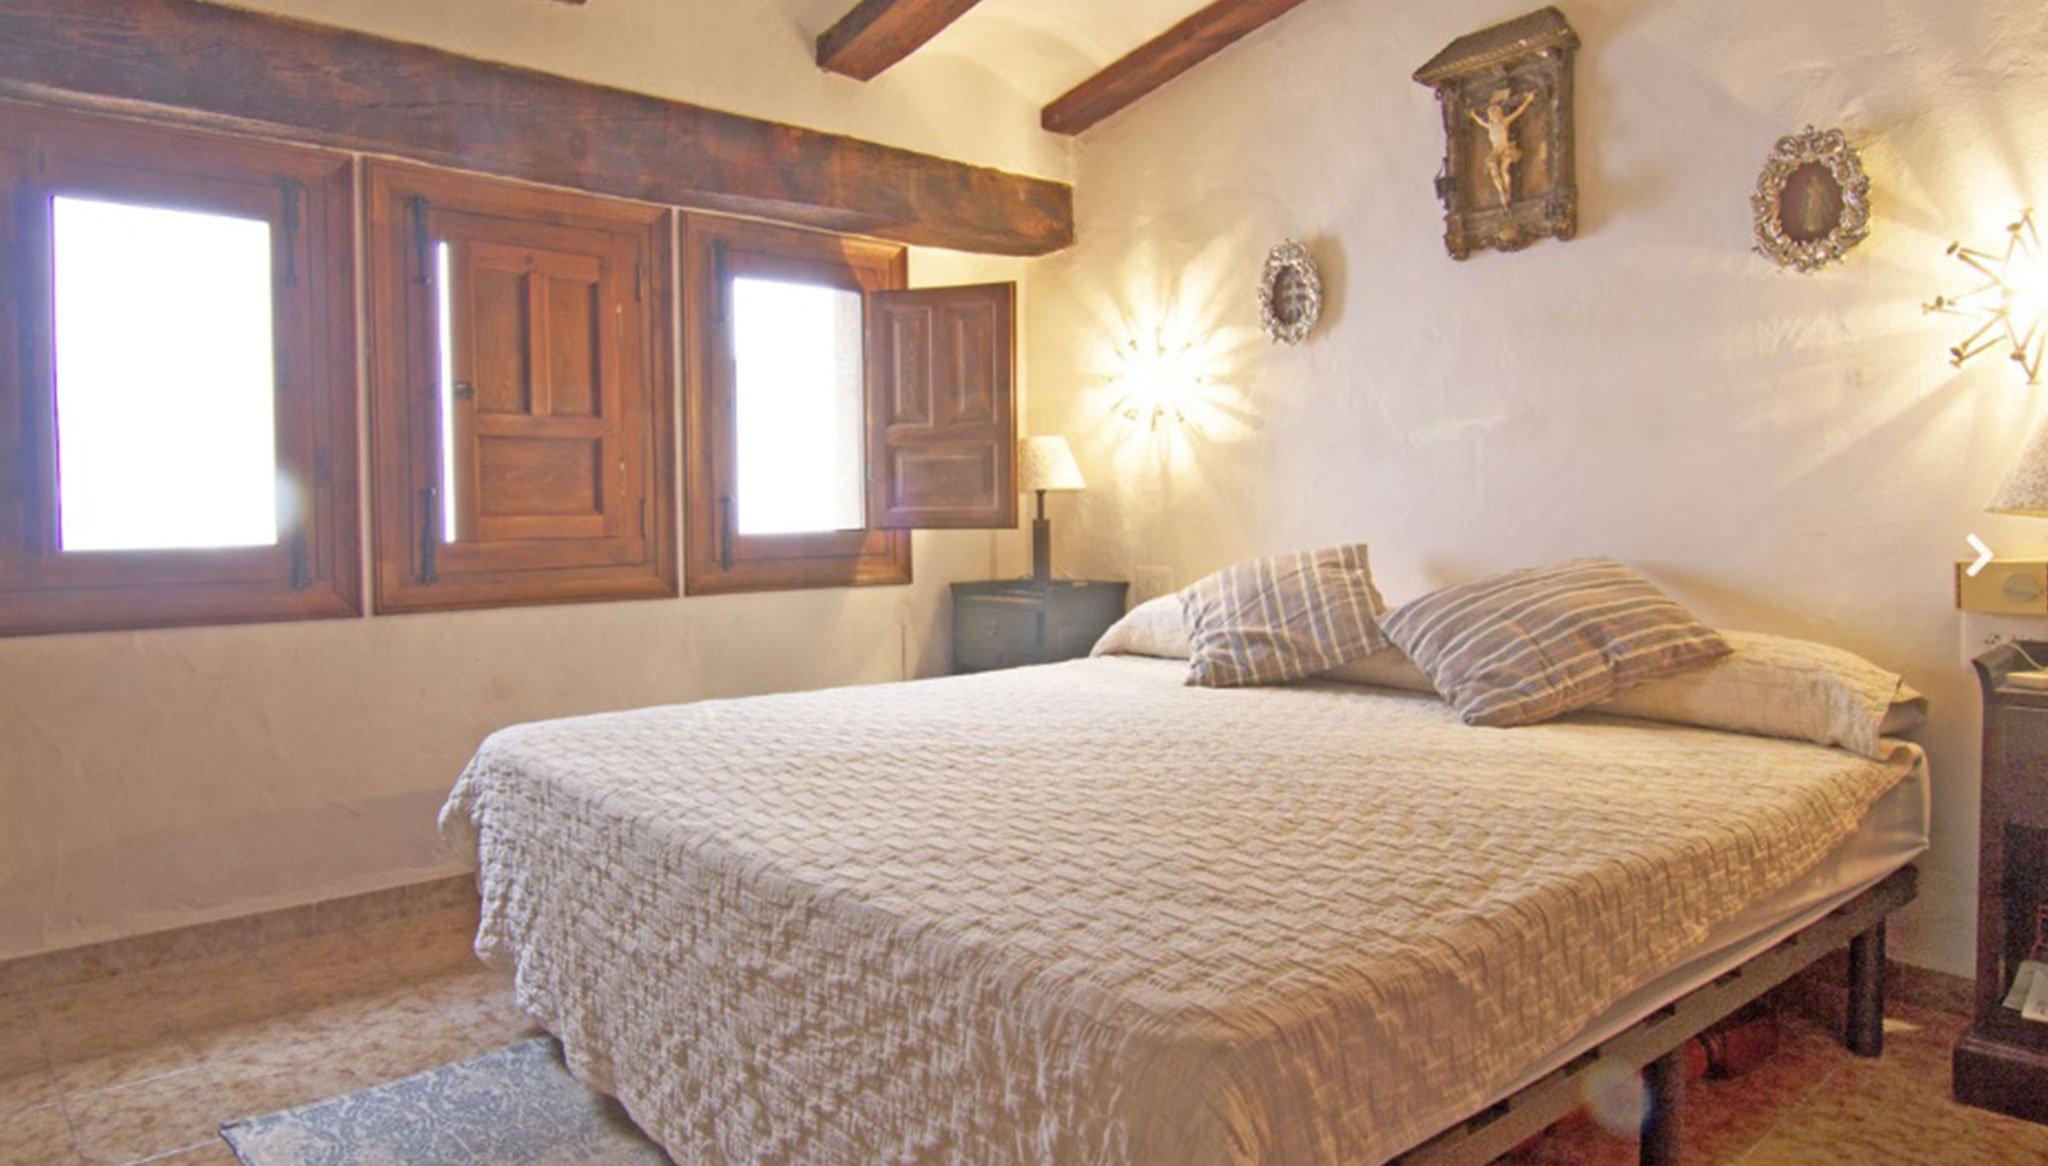 Dormitori en una casa tradicional al centre de Xàbia - MORAGUESPONS Mediterranean Houses